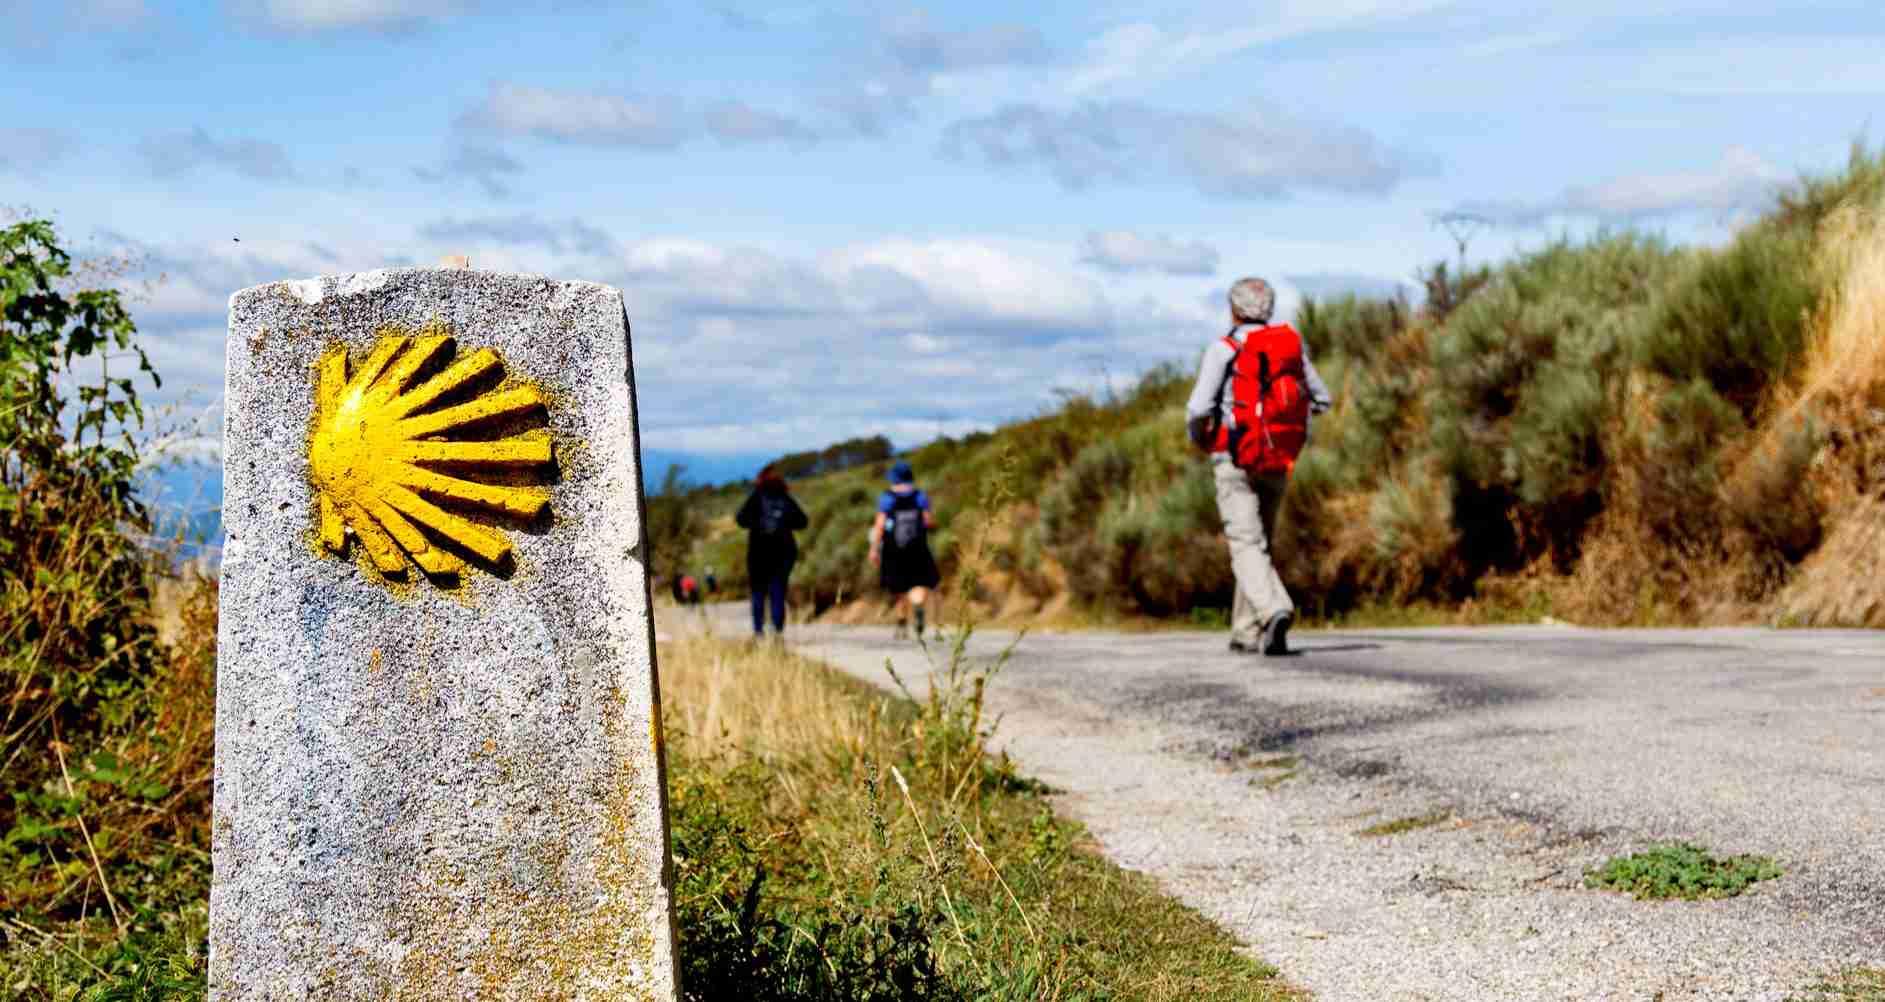 Camiño dos Faros: The Lighthouse Way (8 days)